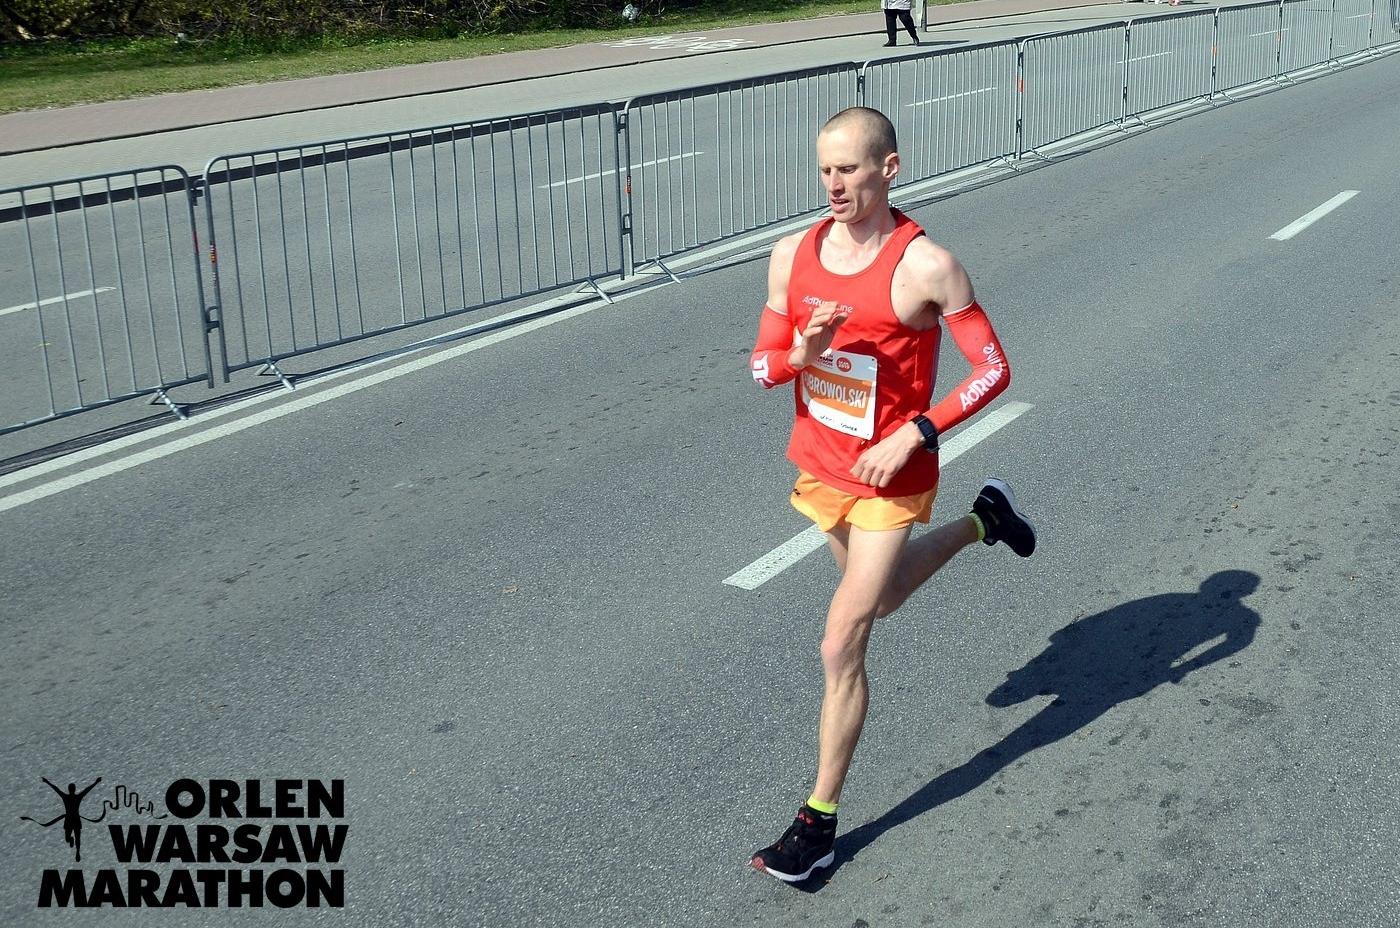 Emil Dobrowolski maraton w Warszawie - Orlen Warsaw Marathon 2019